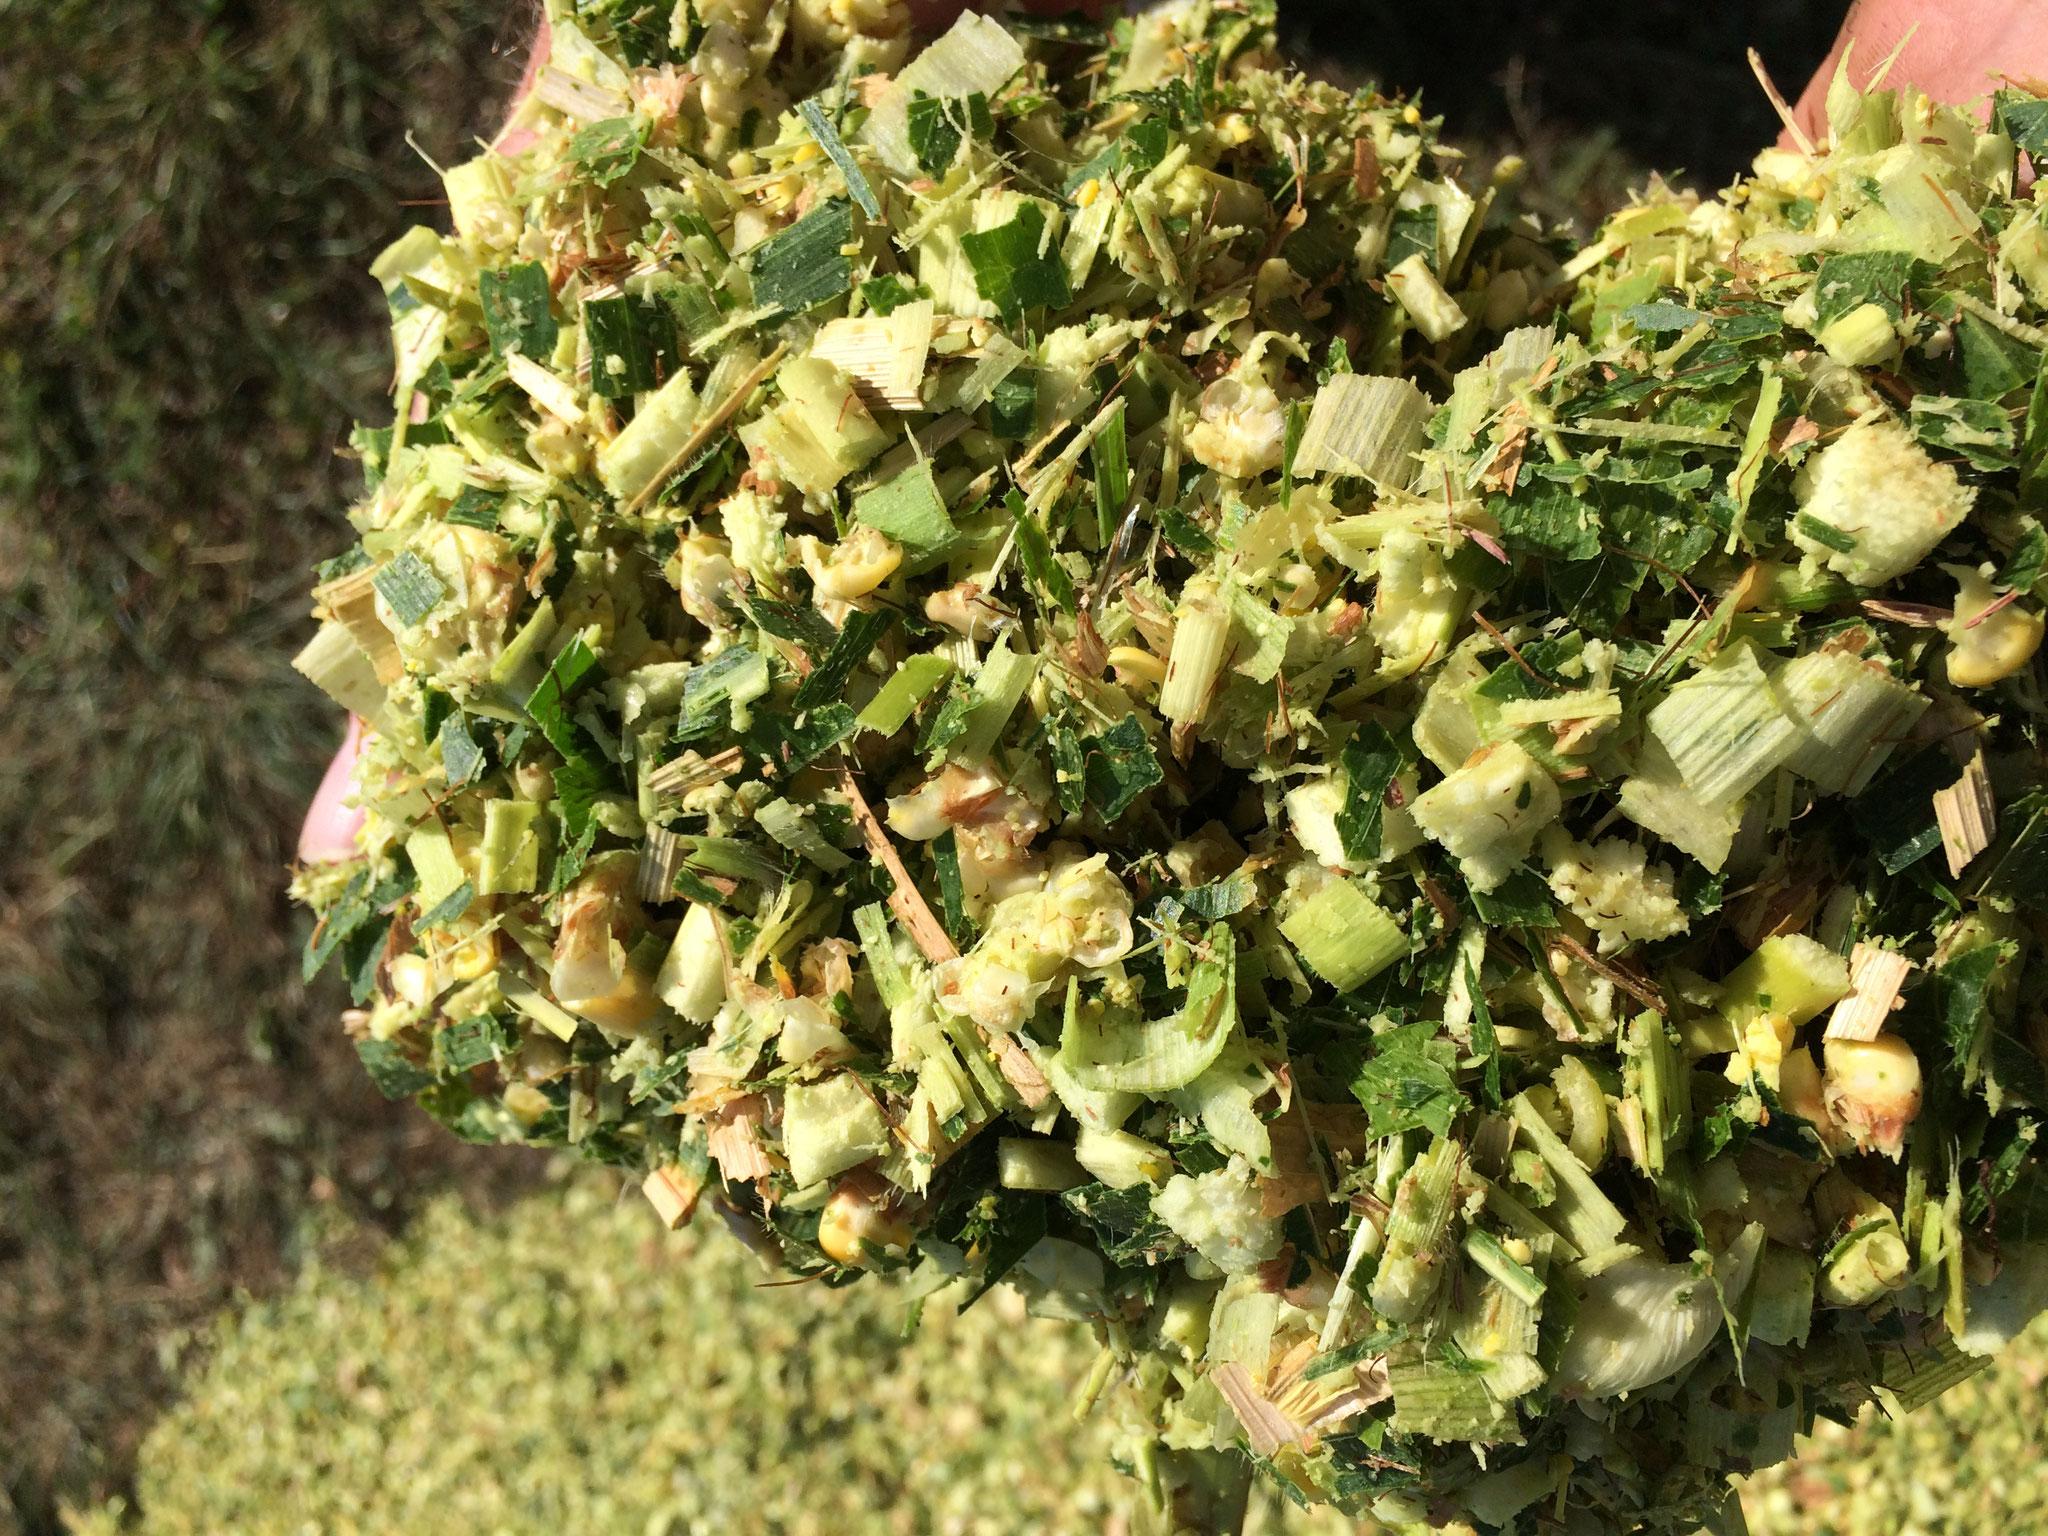 Qualitäts-Maissilage mit Hochleistungs-Kornaufbereitung bei 4-30mm Schnittlänge